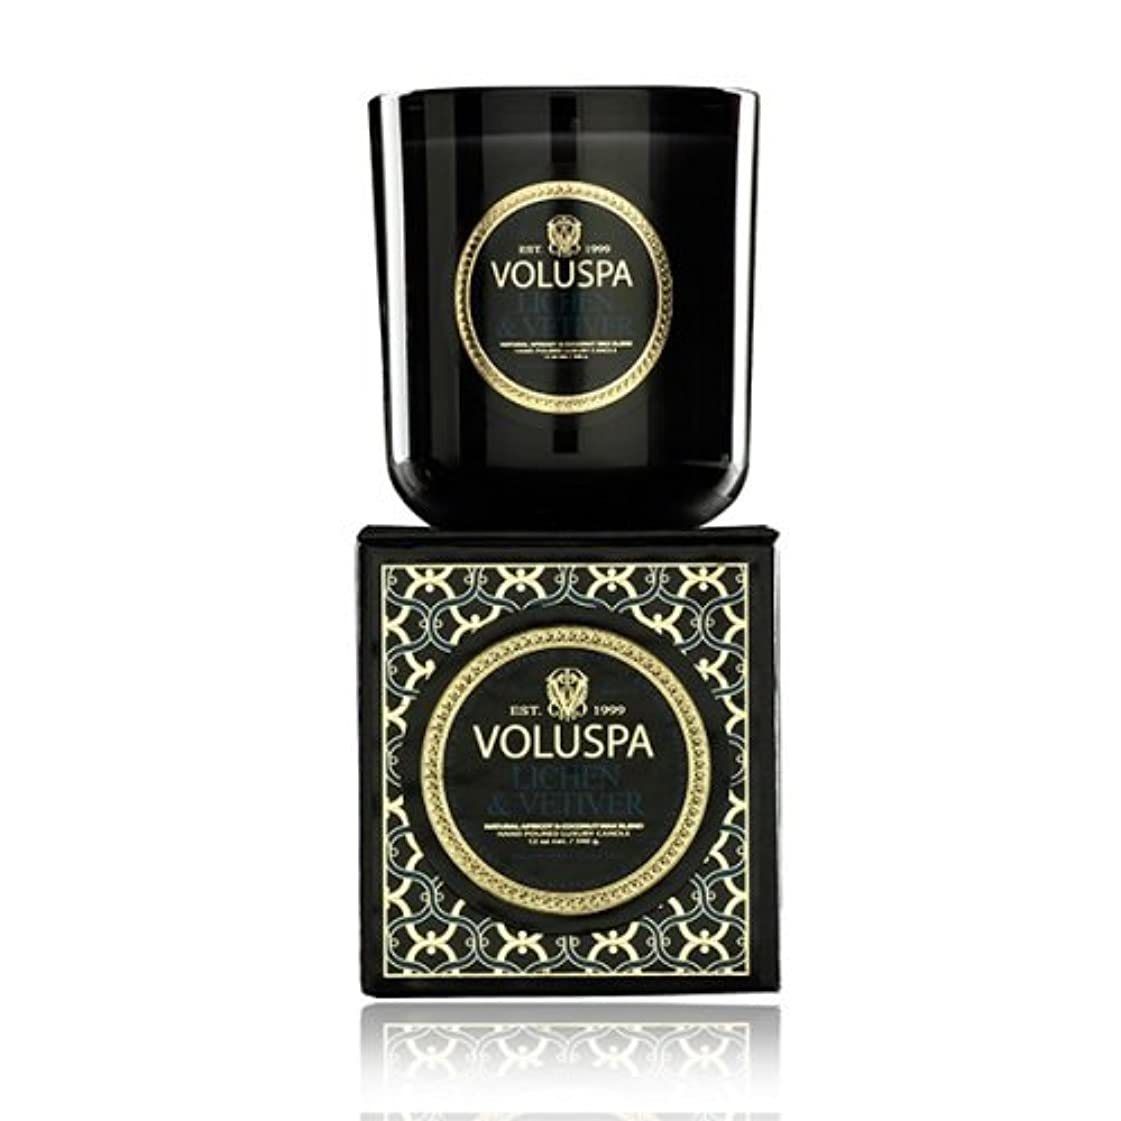 損失司法傾いたVoluspa ボルスパ メゾンノワール ボックス入りグラスキャンドル ライケン&ベチバー MAISON NOIR Box Glass Candle LICHEN & VETIVER